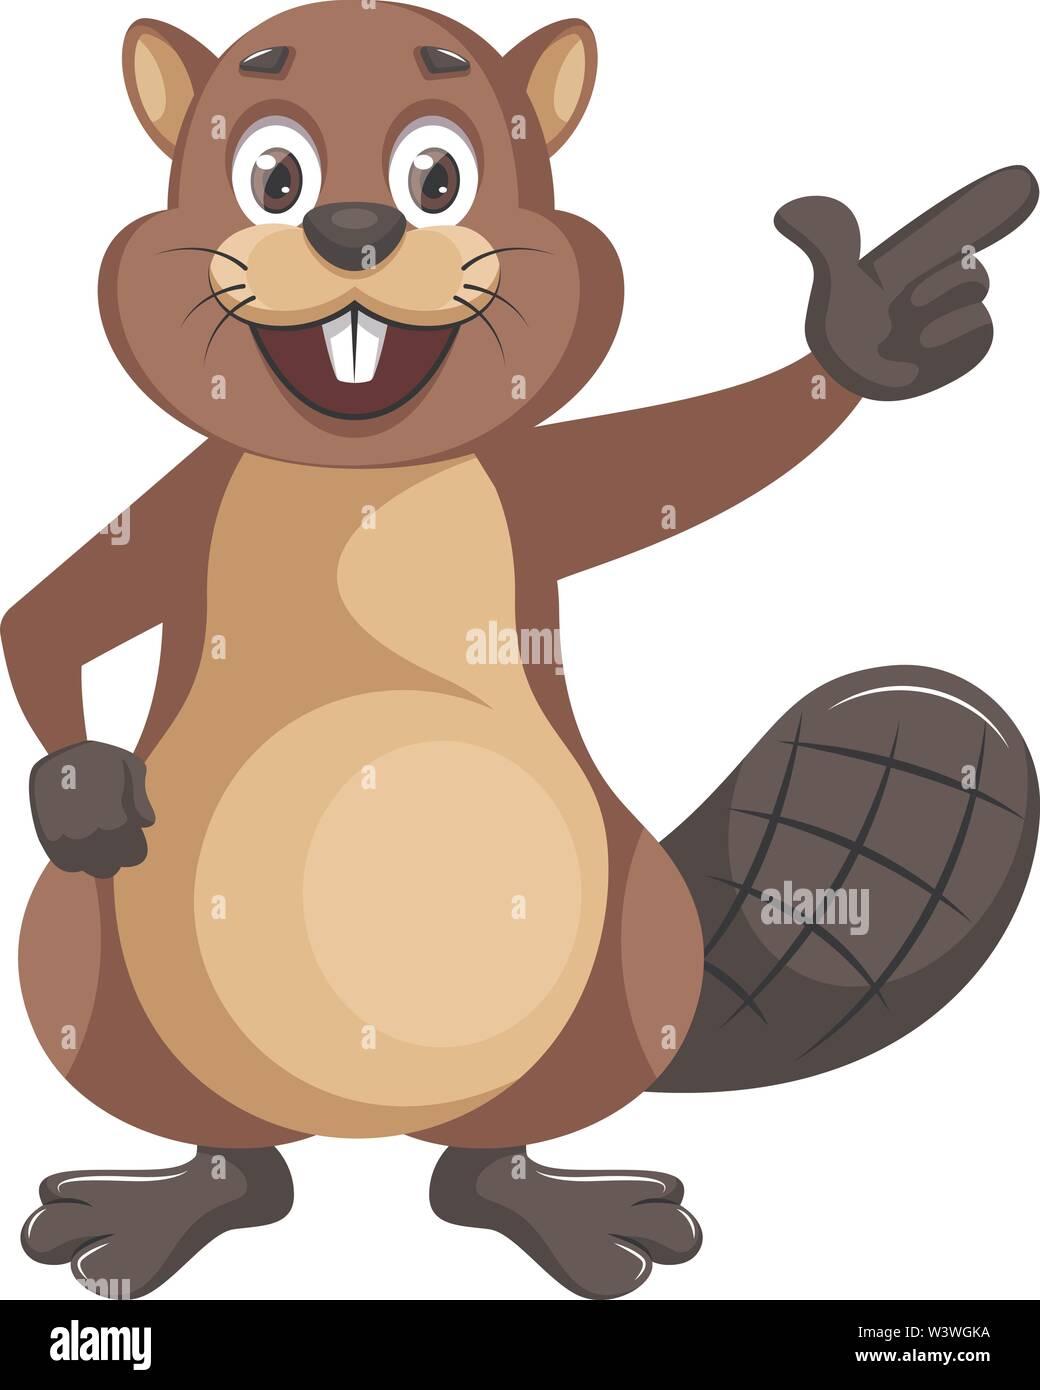 Beaver showing something, illustration, vector on white background. - Stock Image